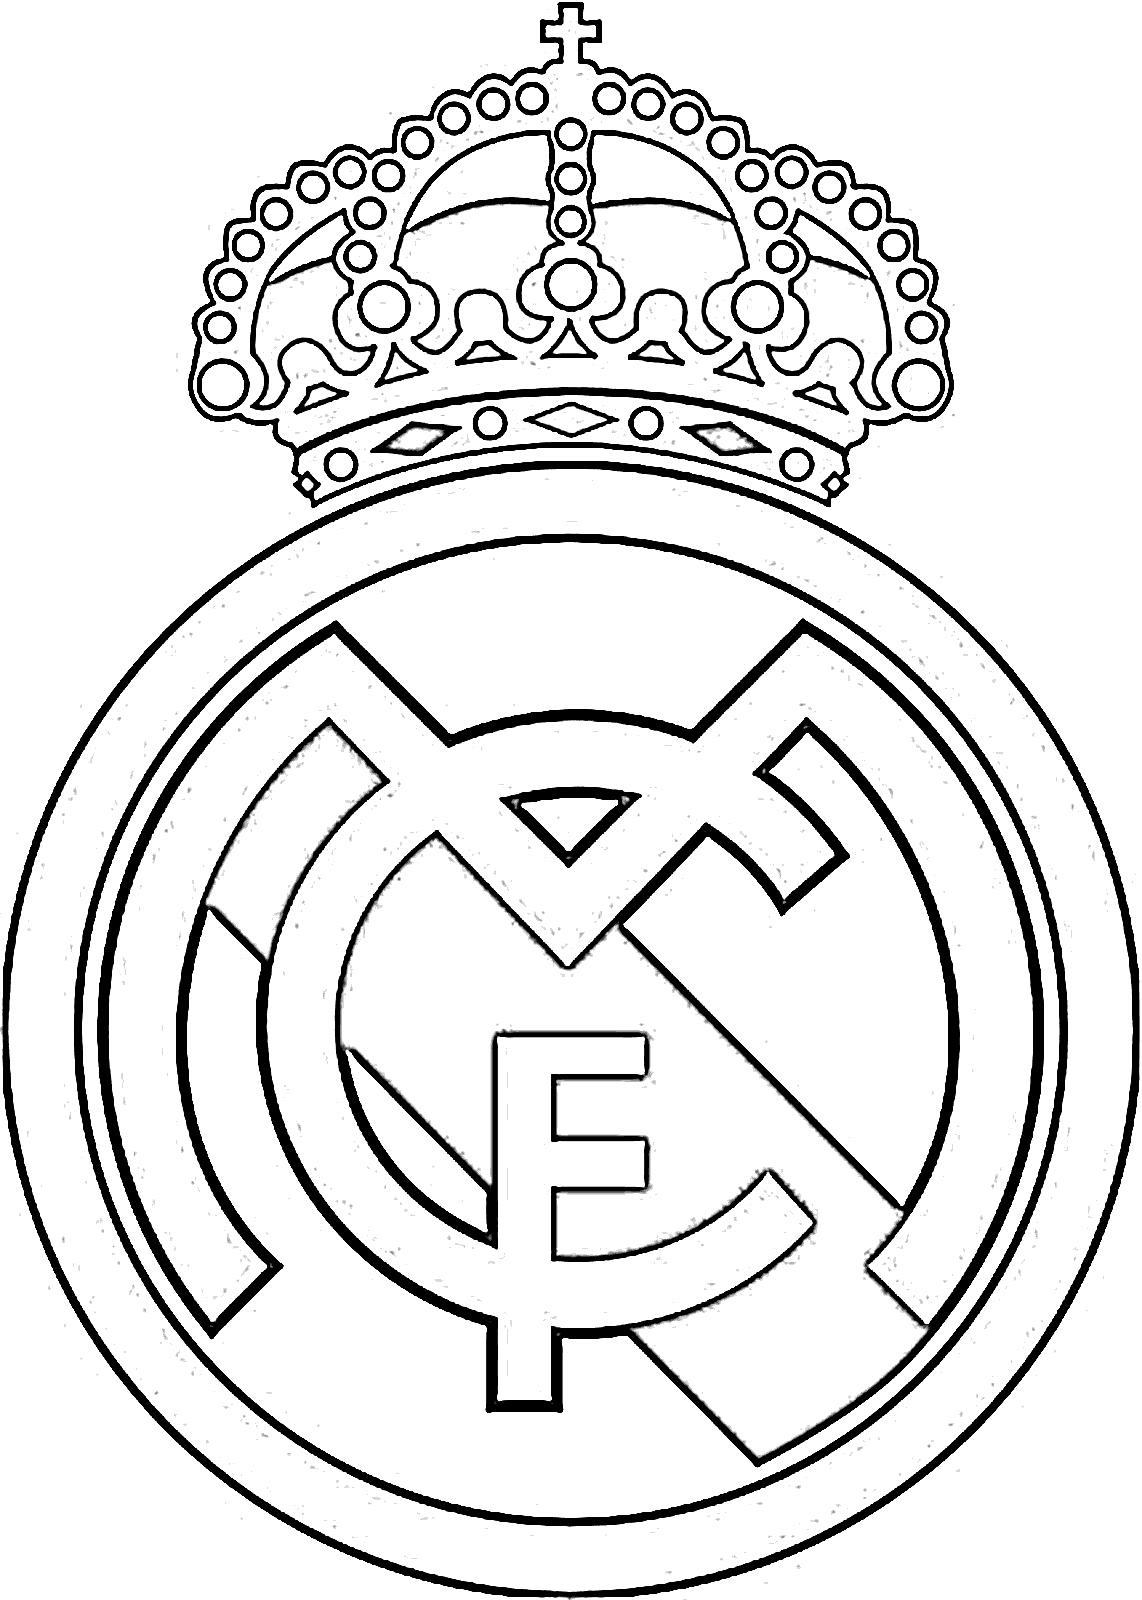 Escudo Del Atletico De Madrid Para Colorear   Dibujos Para